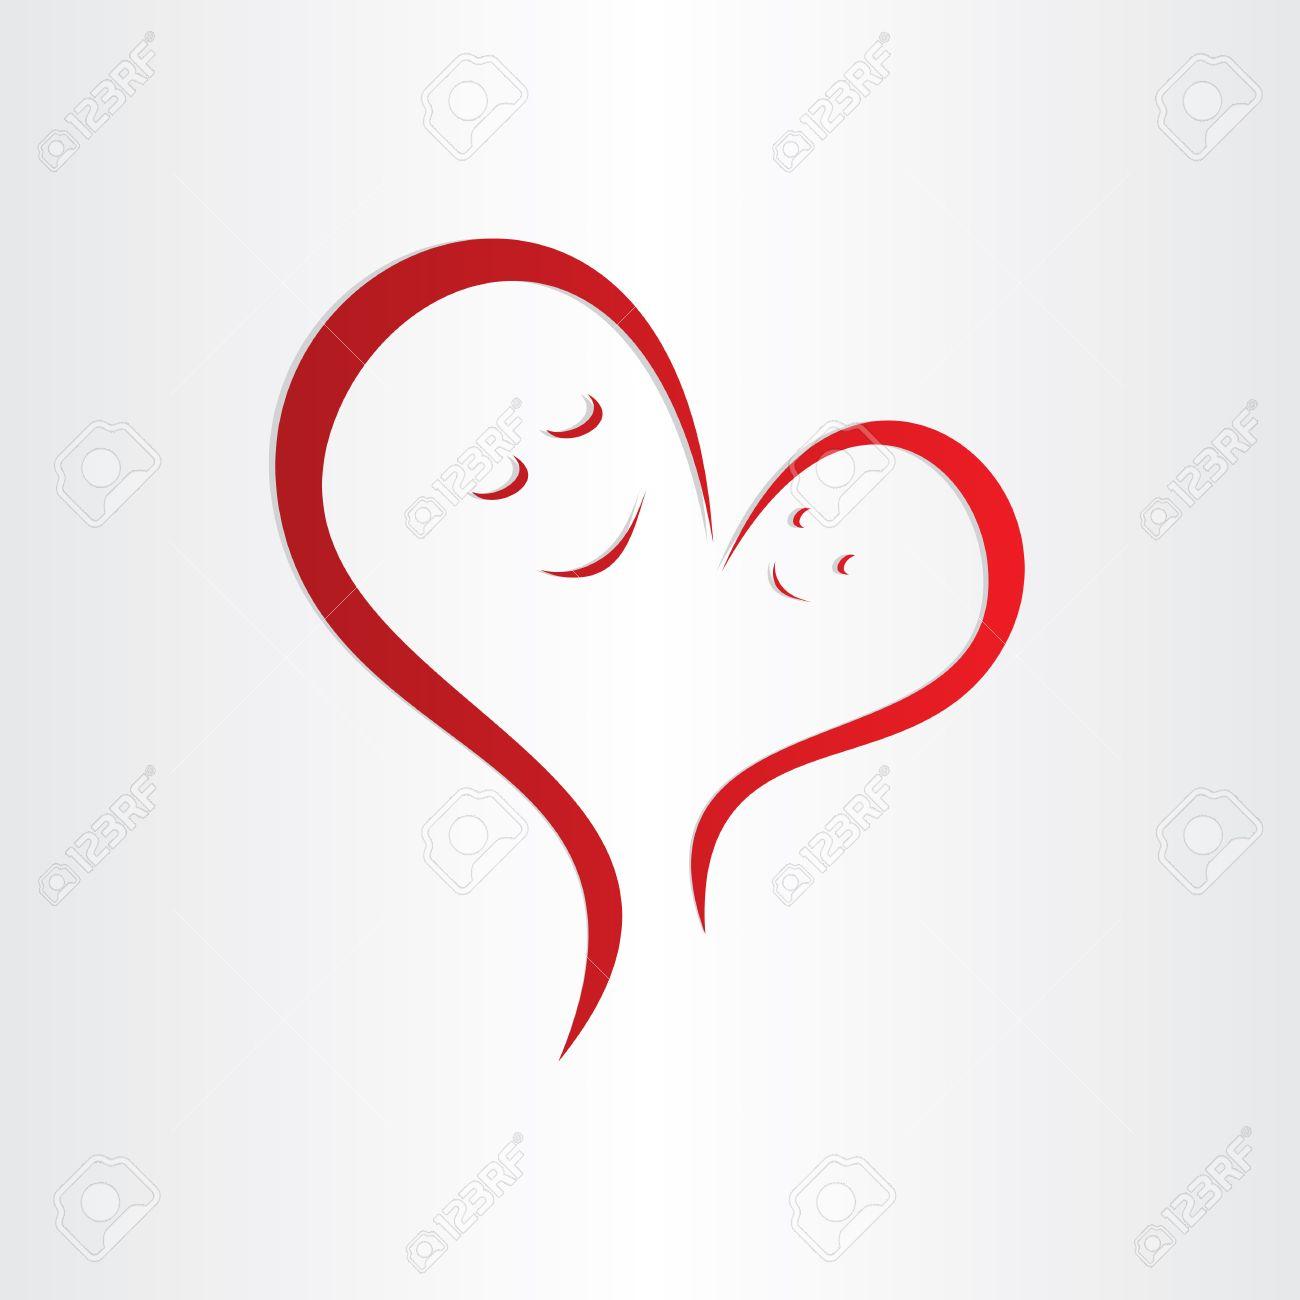 Mütter Lieben Symbol Mutter Und Baby Herz-Form-Verbindung Lizenzfrei ...